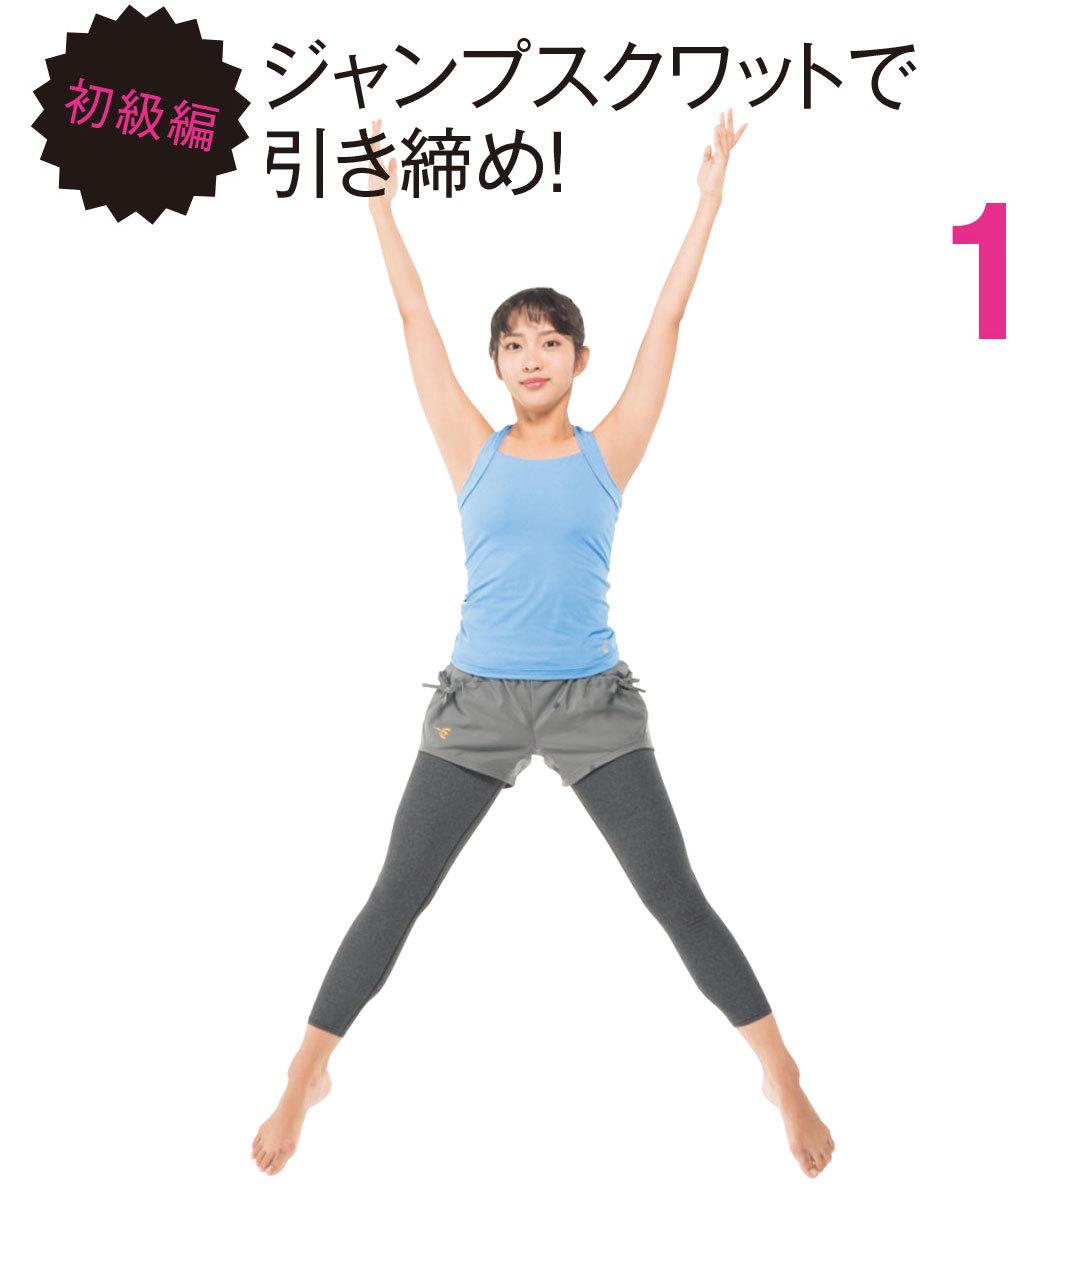 太もも痩せしたい! 1畳スペースでできる簡単筋トレをAYAさんが伝授♡ _1_2-1